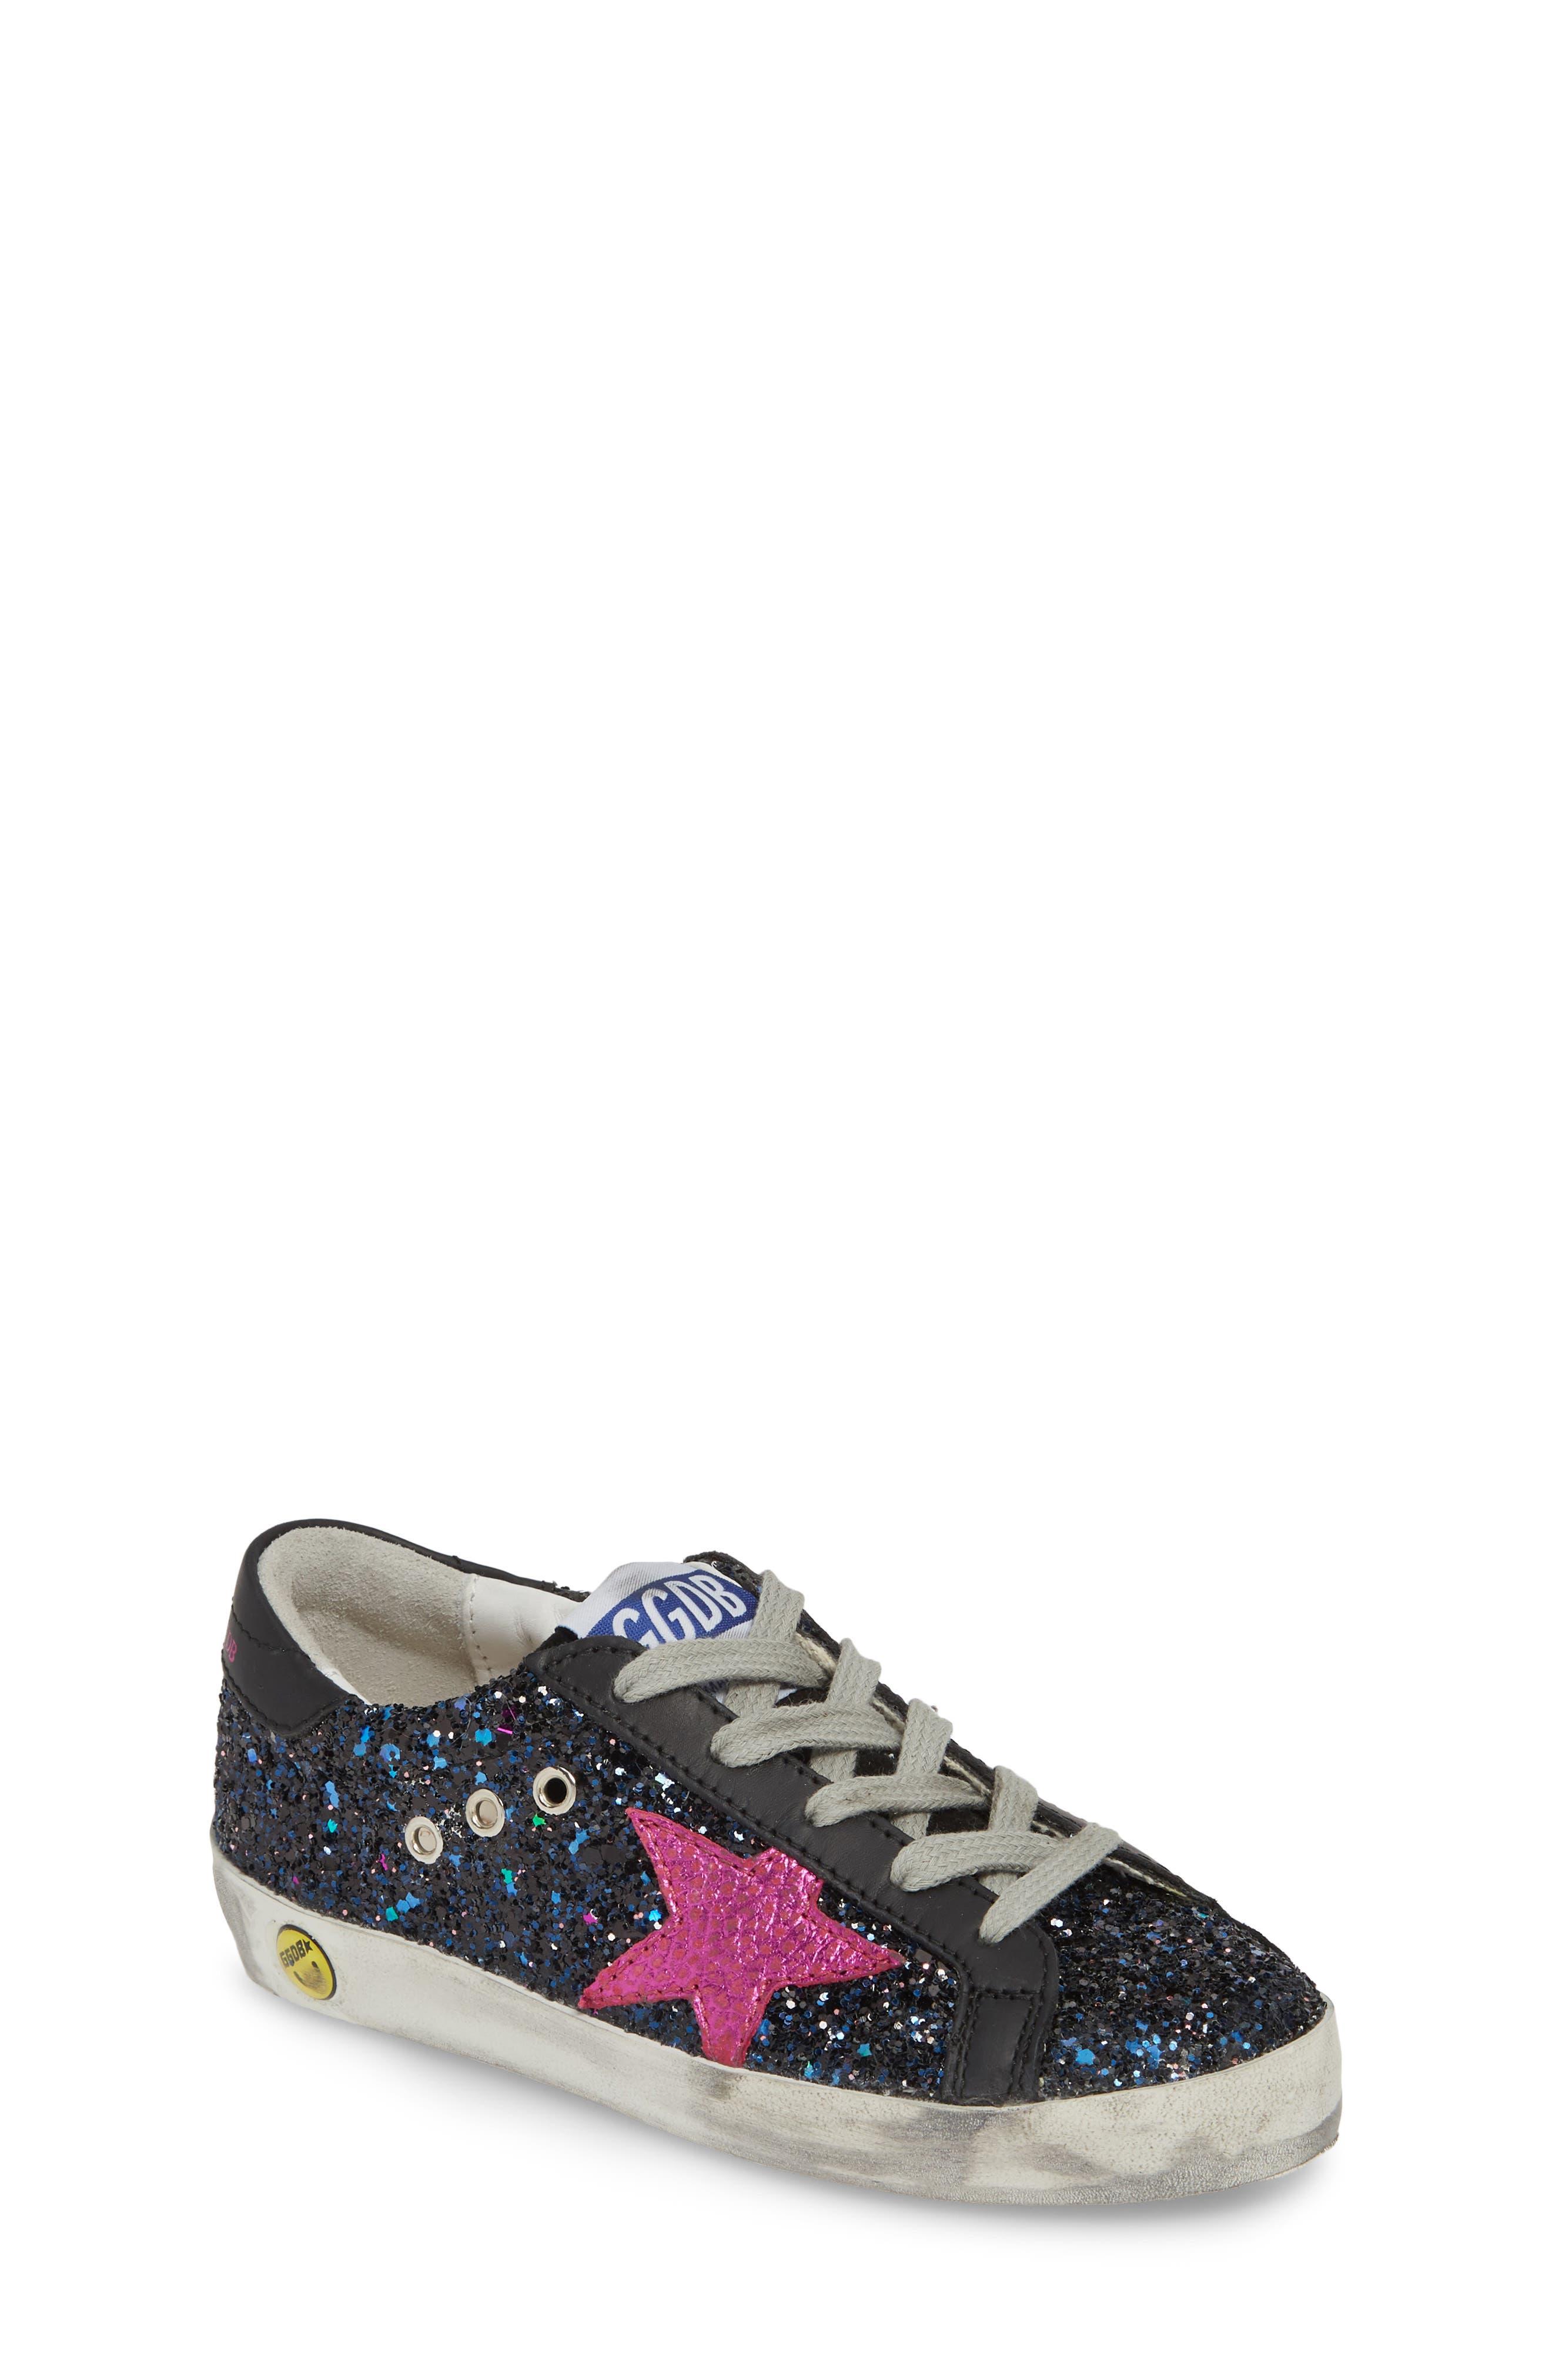 GOLDEN GOOSE Superstar Glitter Low Top Sneaker, Main, color, GALAXY GLITTER/ FUCHSIA STAR